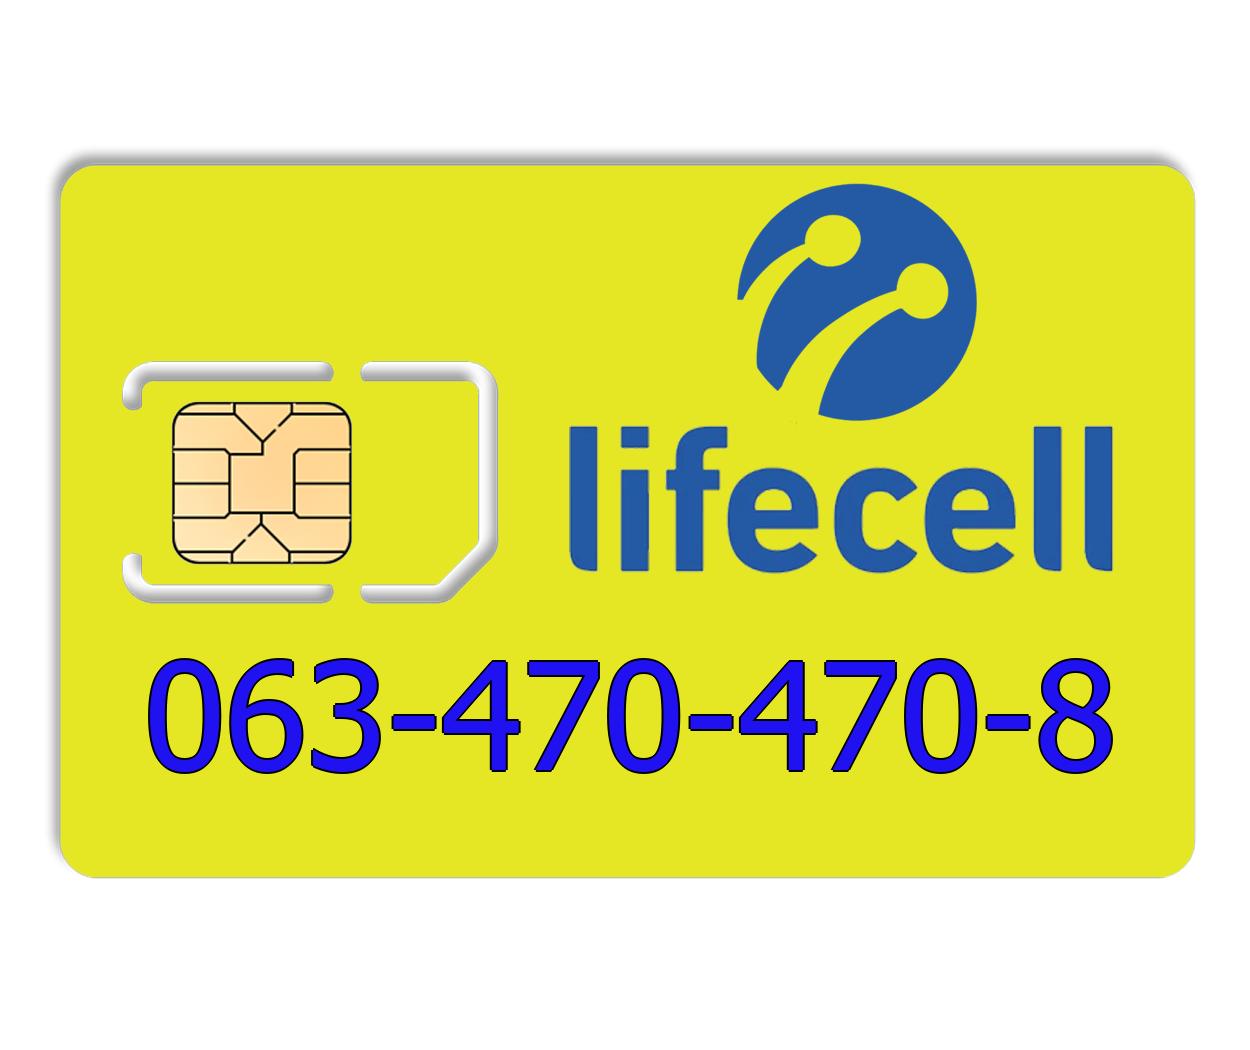 Красивый номер lifecell 063-470-470-8